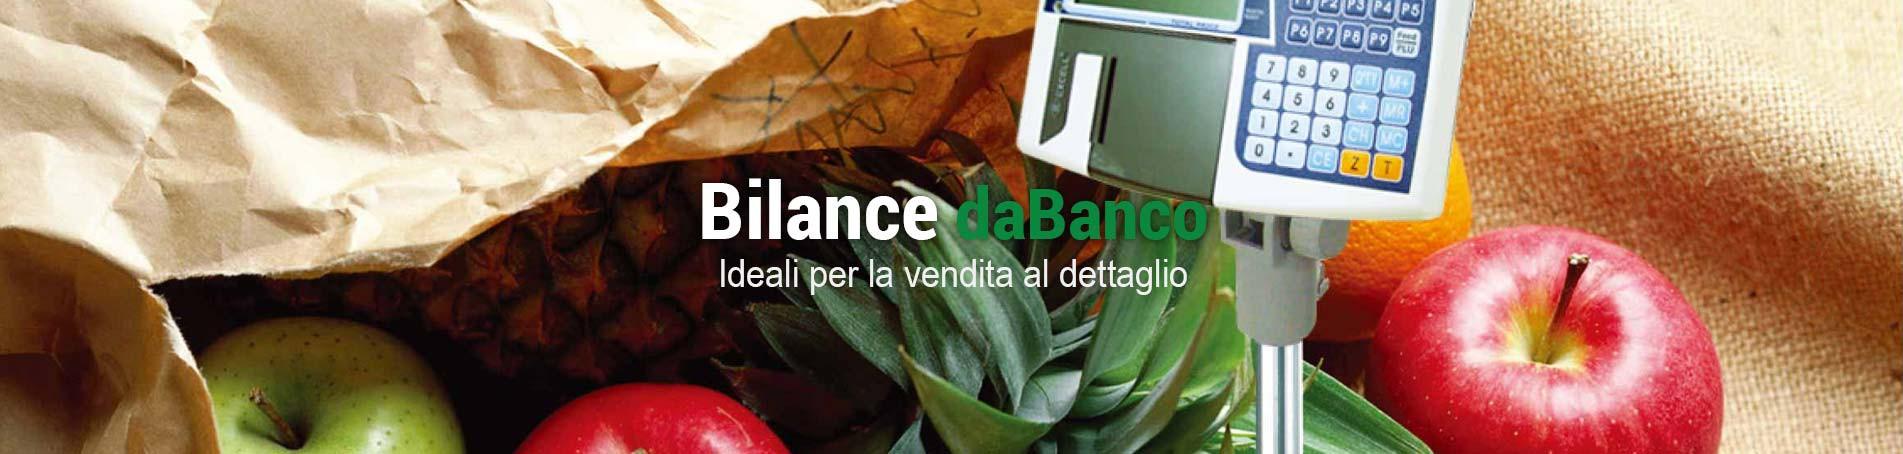 Bilance da banco